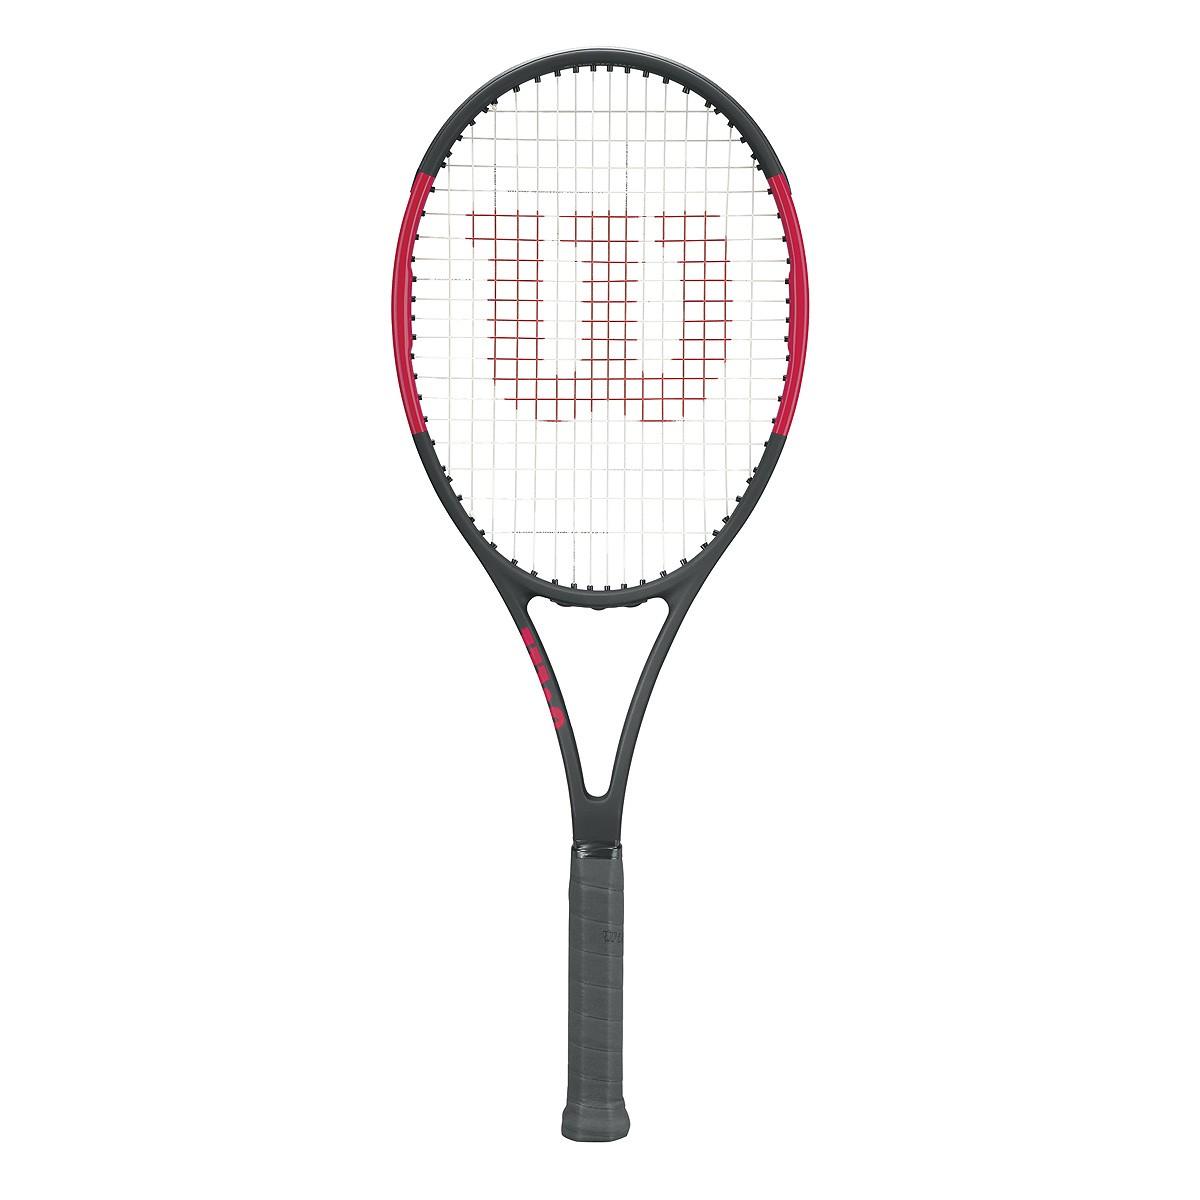 Rakieta tenisowa Wilson PRO STAFF 97 + Luxilon!